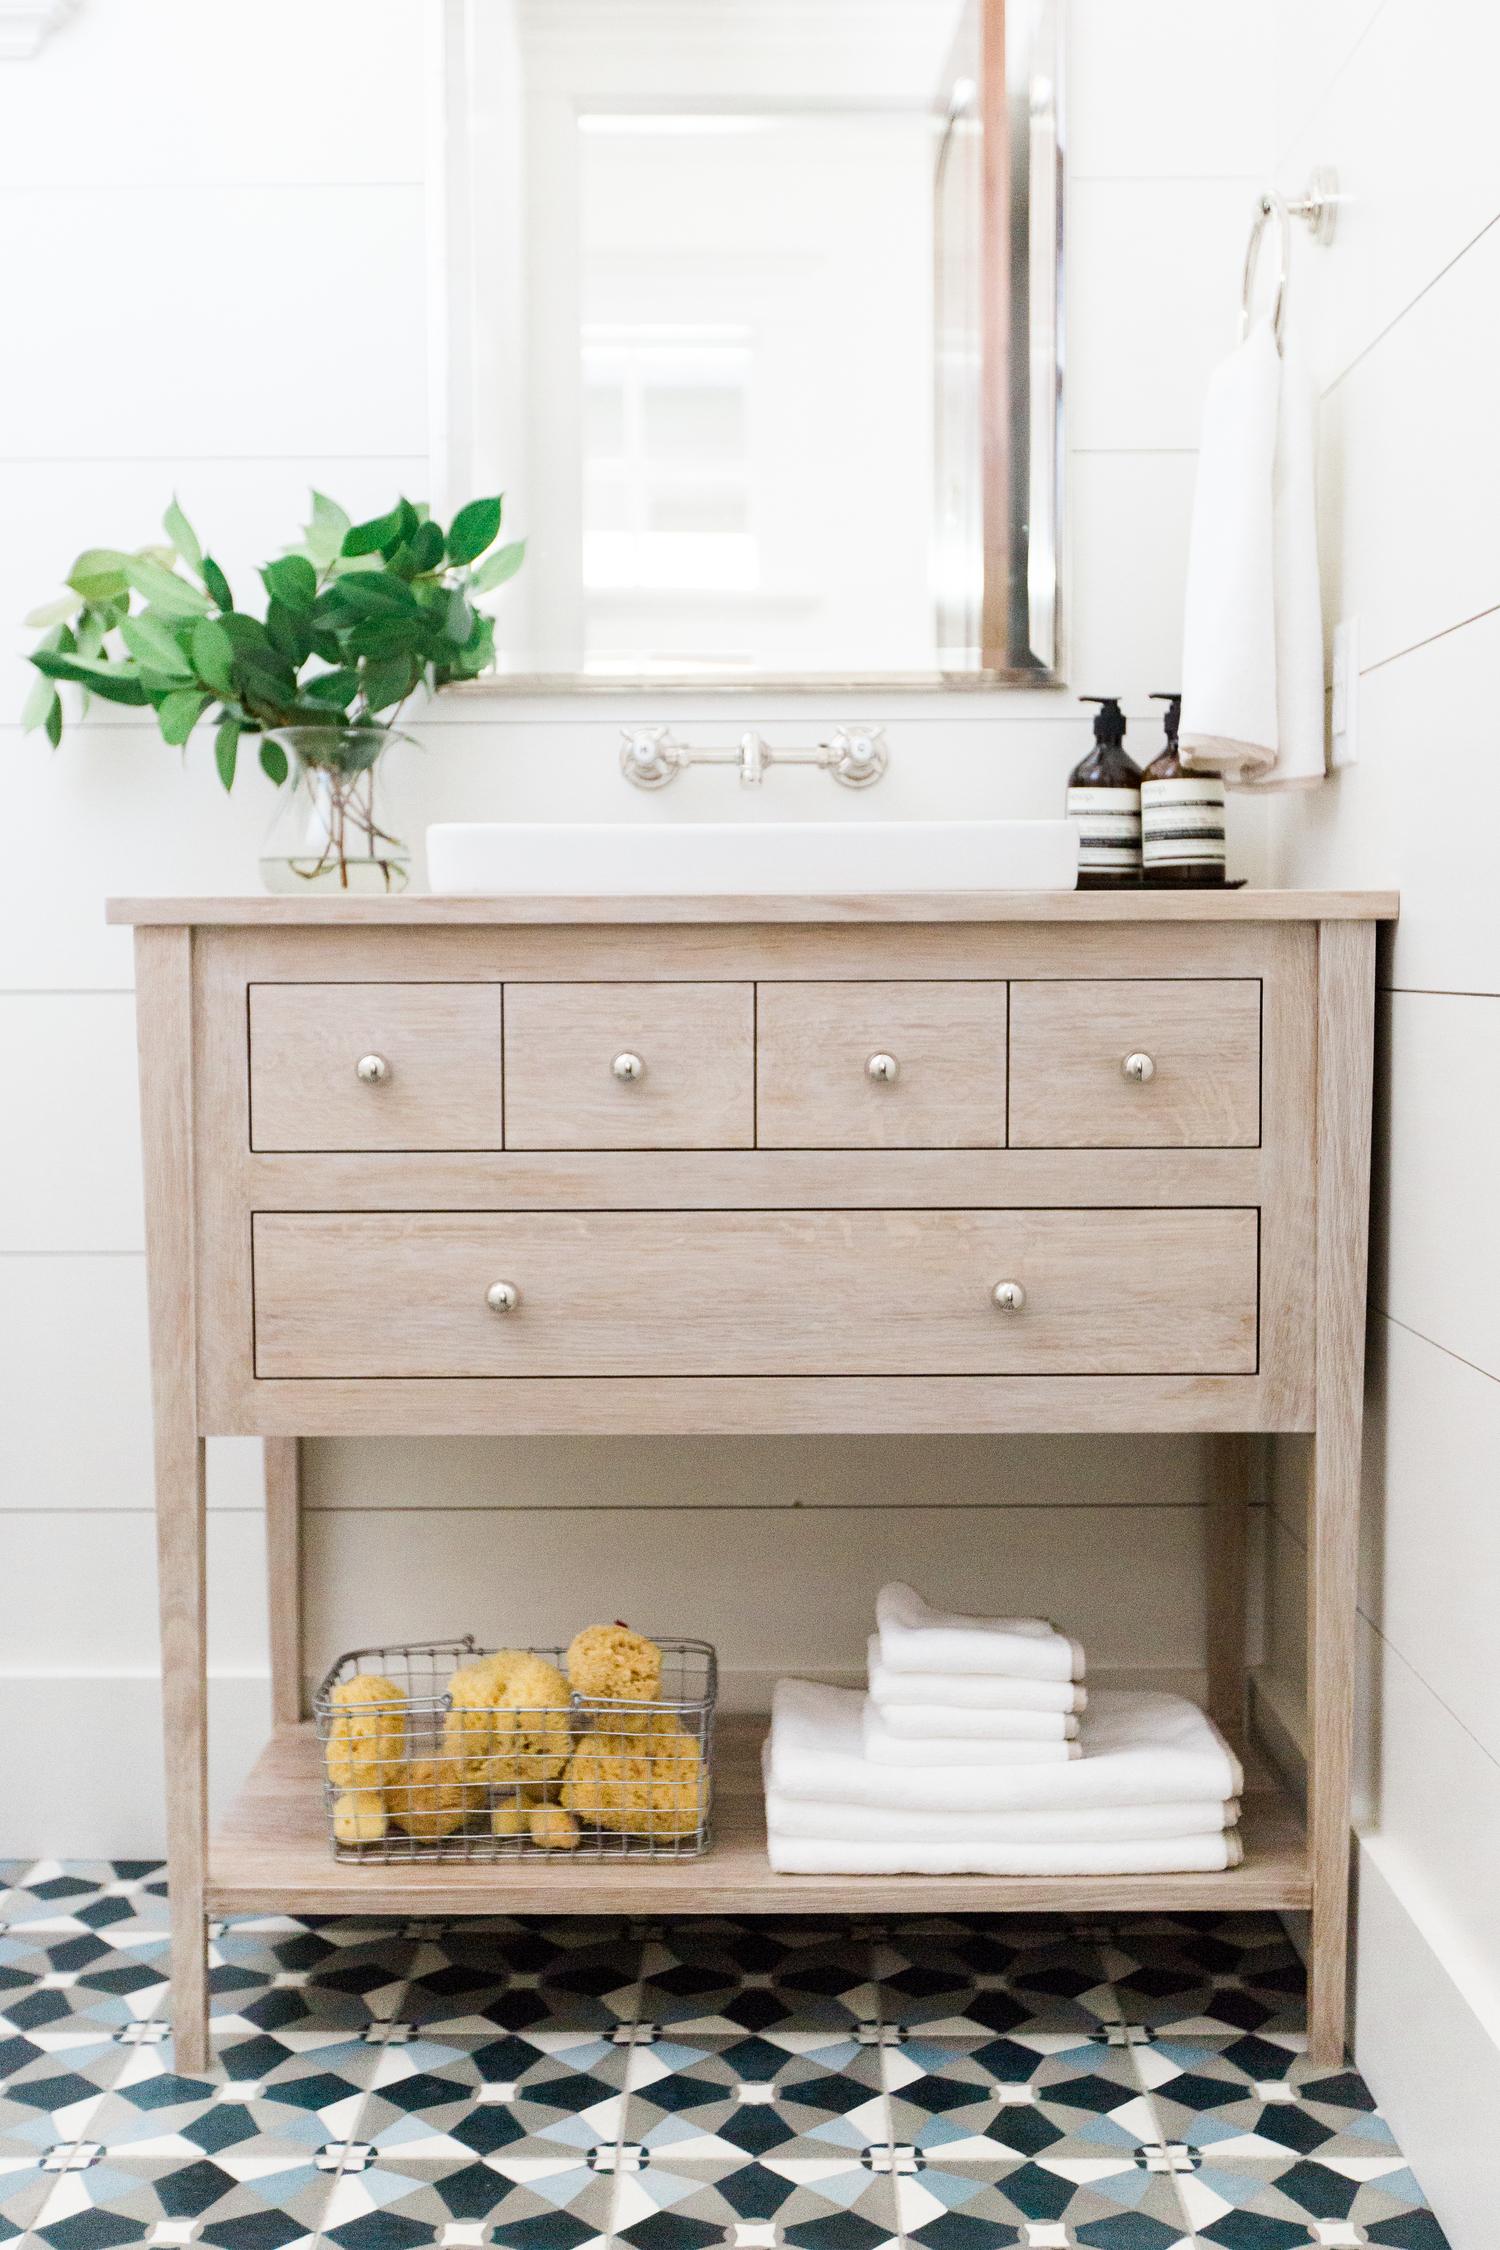 Bleached+oak+vanity,+shiplap+and+cement+tiles+||+Studio+McGee.jpg